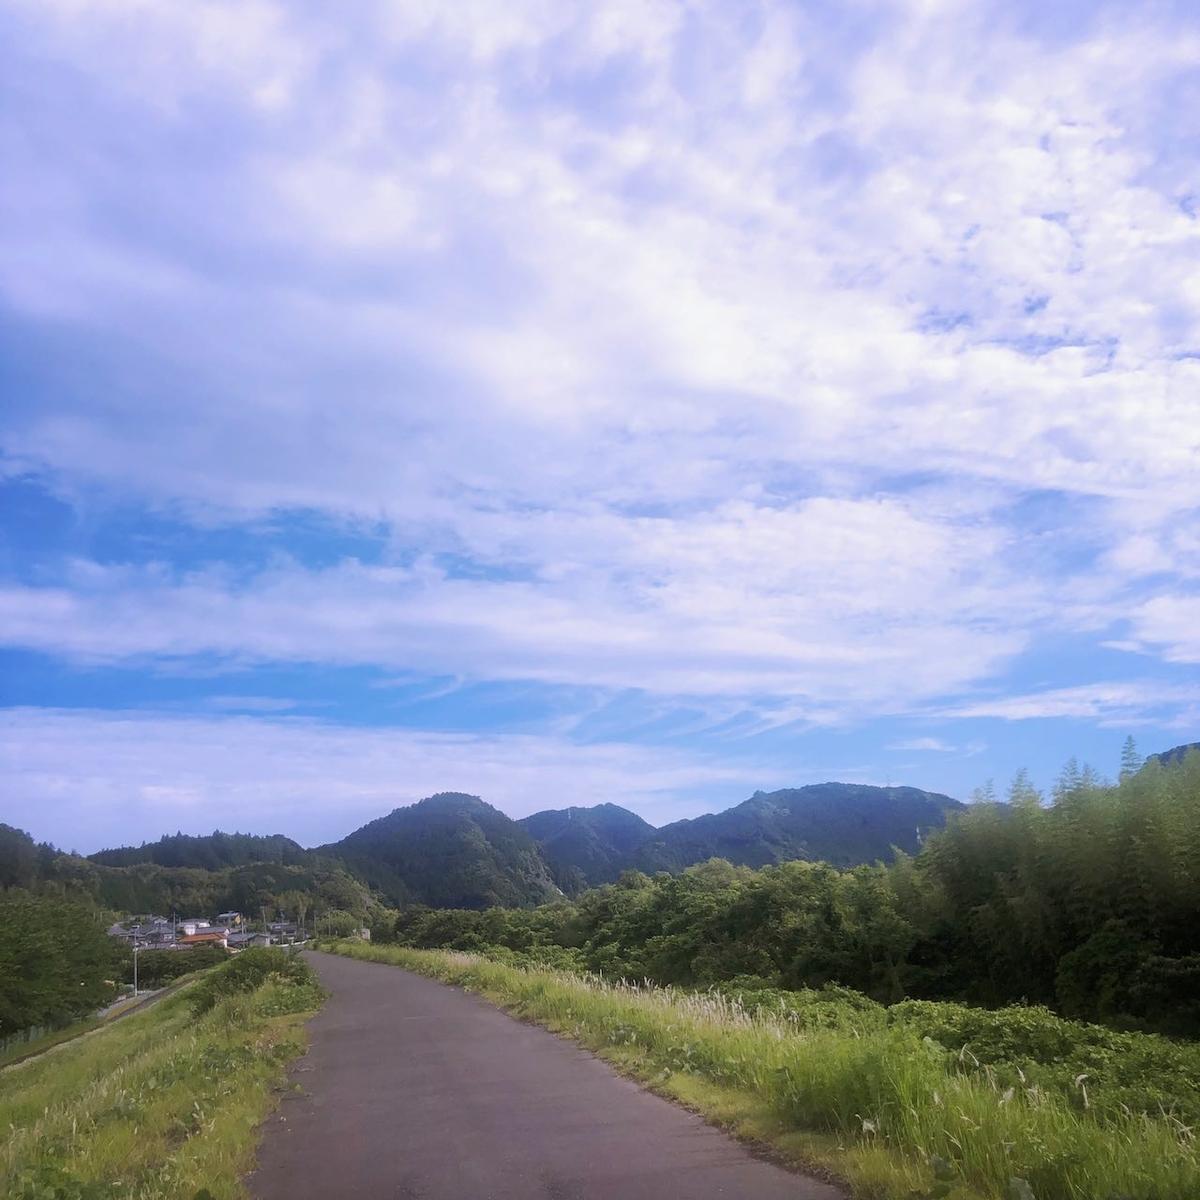 f:id:mick_kamihara:20210605071400j:plain